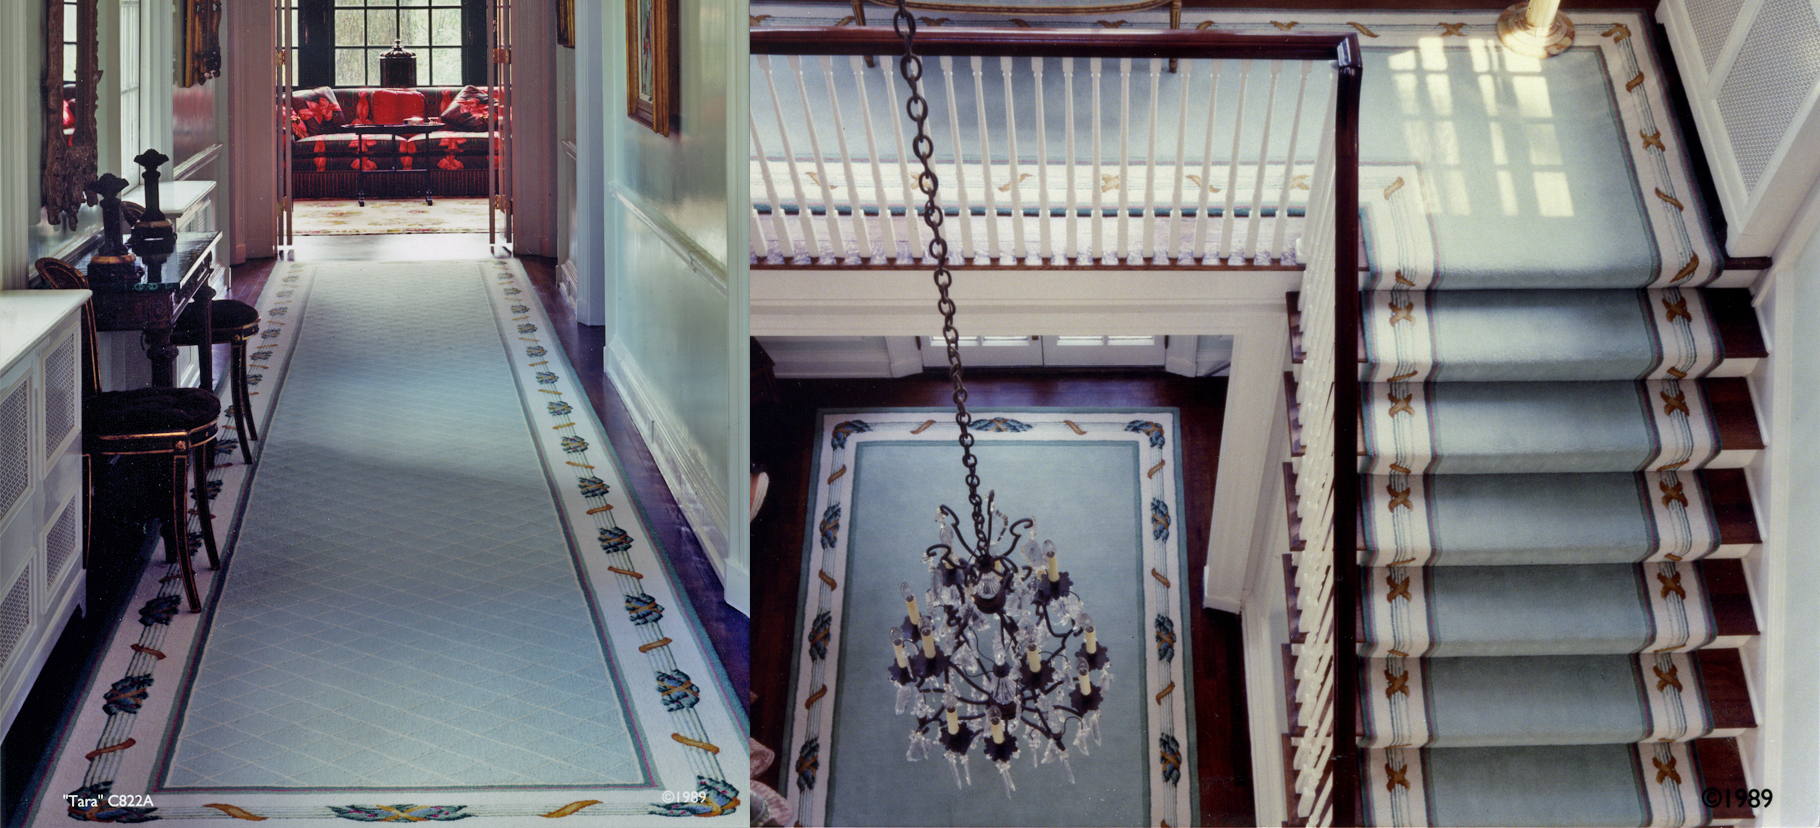 10 PORT Stair Tara blue #2.0